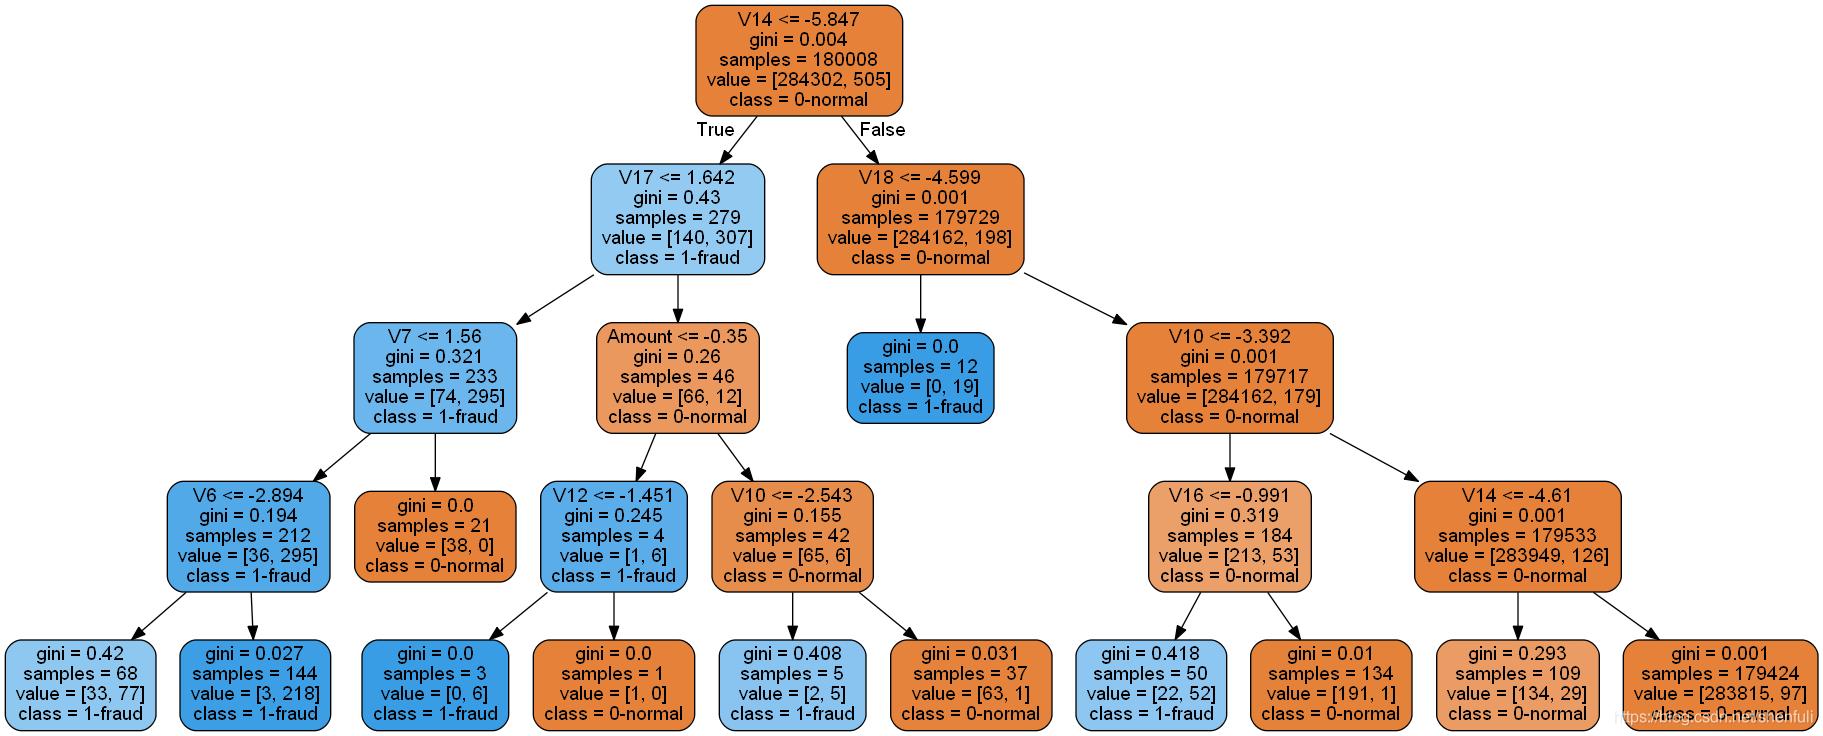 [外链图片转存失败,源站可能有防盗链机制,建议将图片保存下来直接上传(img-bjo4t1WY-1600156339293)(output_43_0.png)]